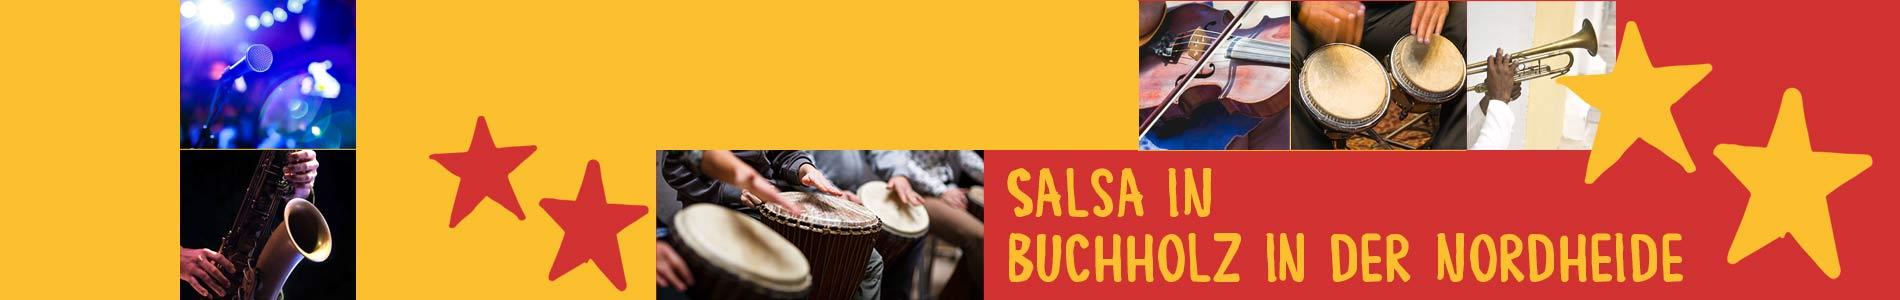 Salsa in Buchholz in der Nordheide – Salsa lernen und tanzen, Tanzkurse, Partys, Veranstaltungen